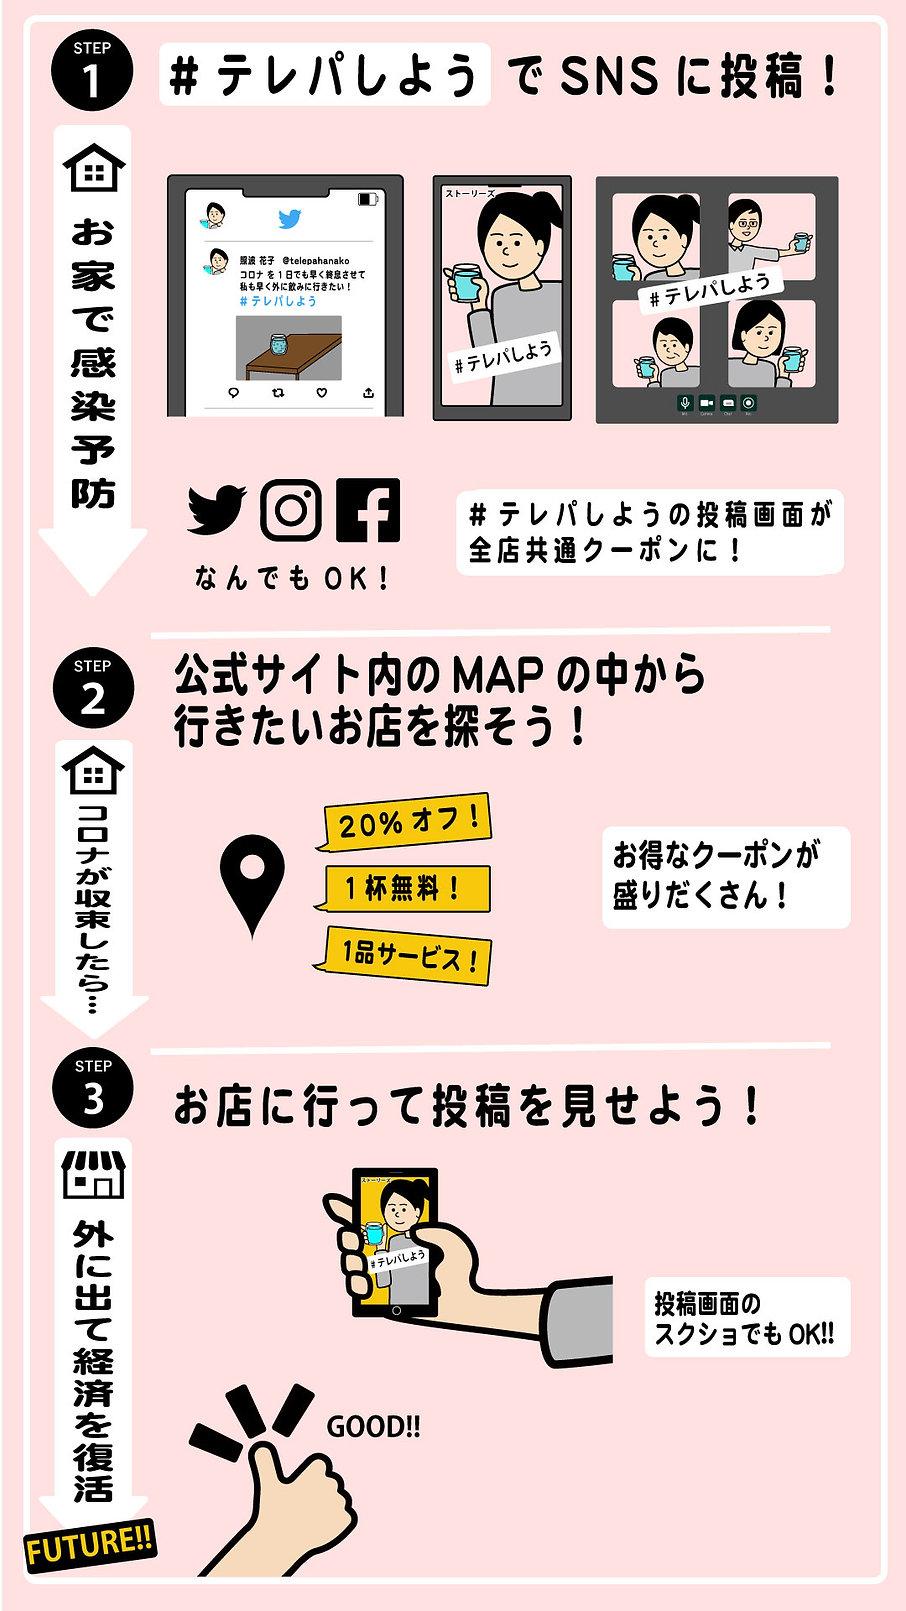 【最終】テレパ図解.jpg